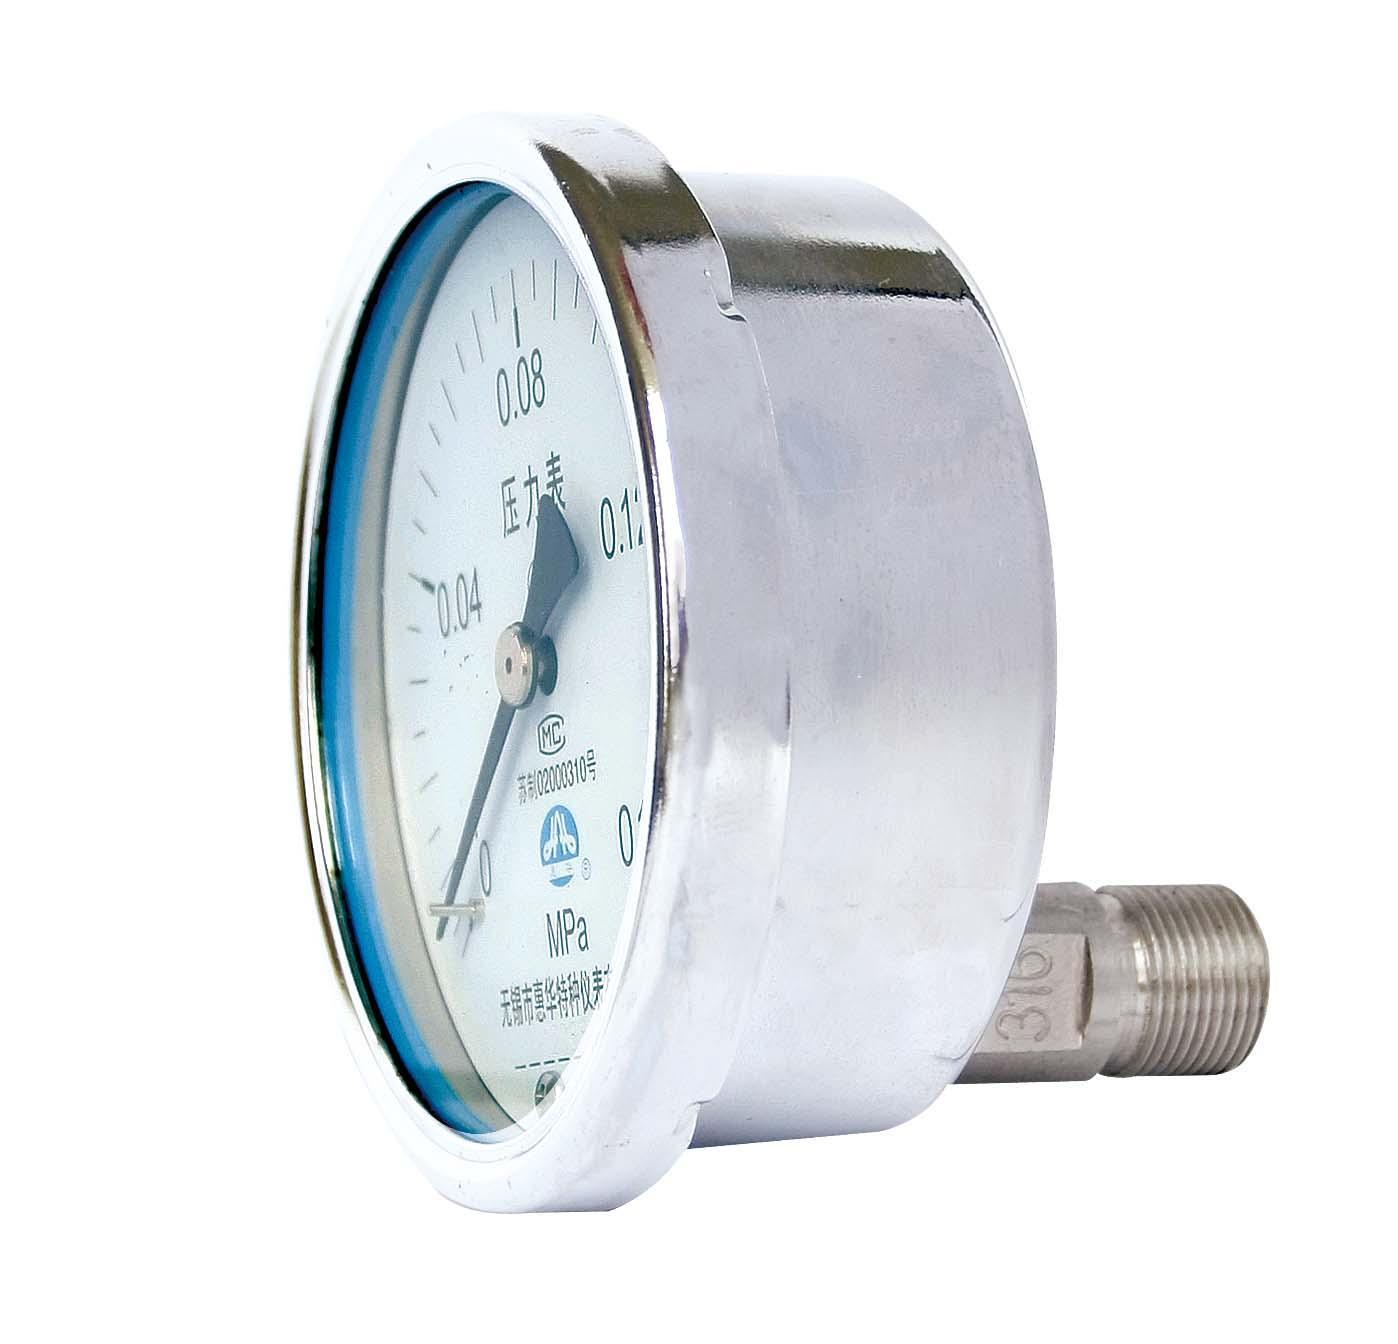 不锈钢压力表 不锈钢真空压力表 不锈钢弹簧管压力表 6